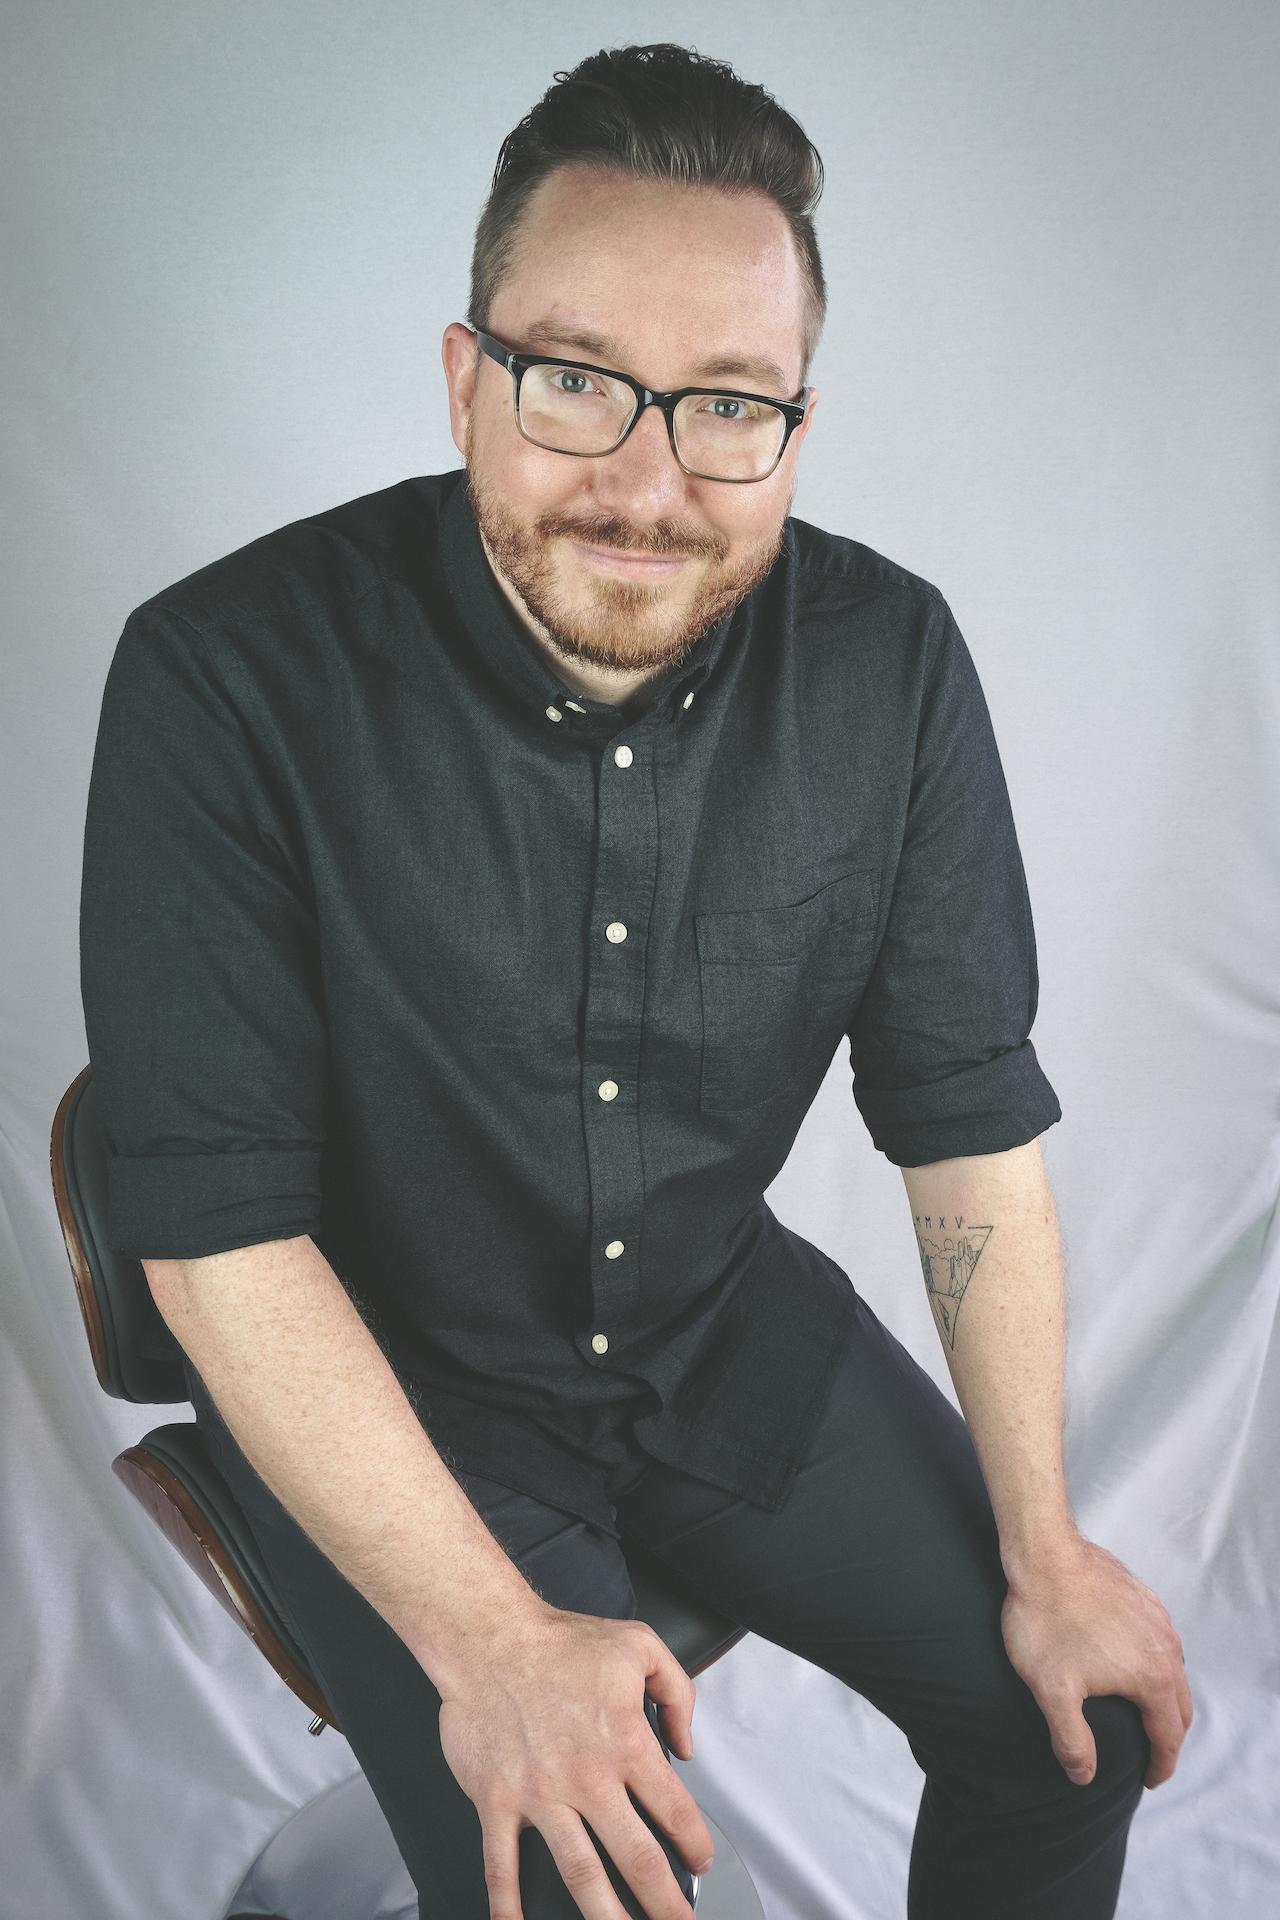 Philip Stuebe_graphic designer_web designer_author_pastor